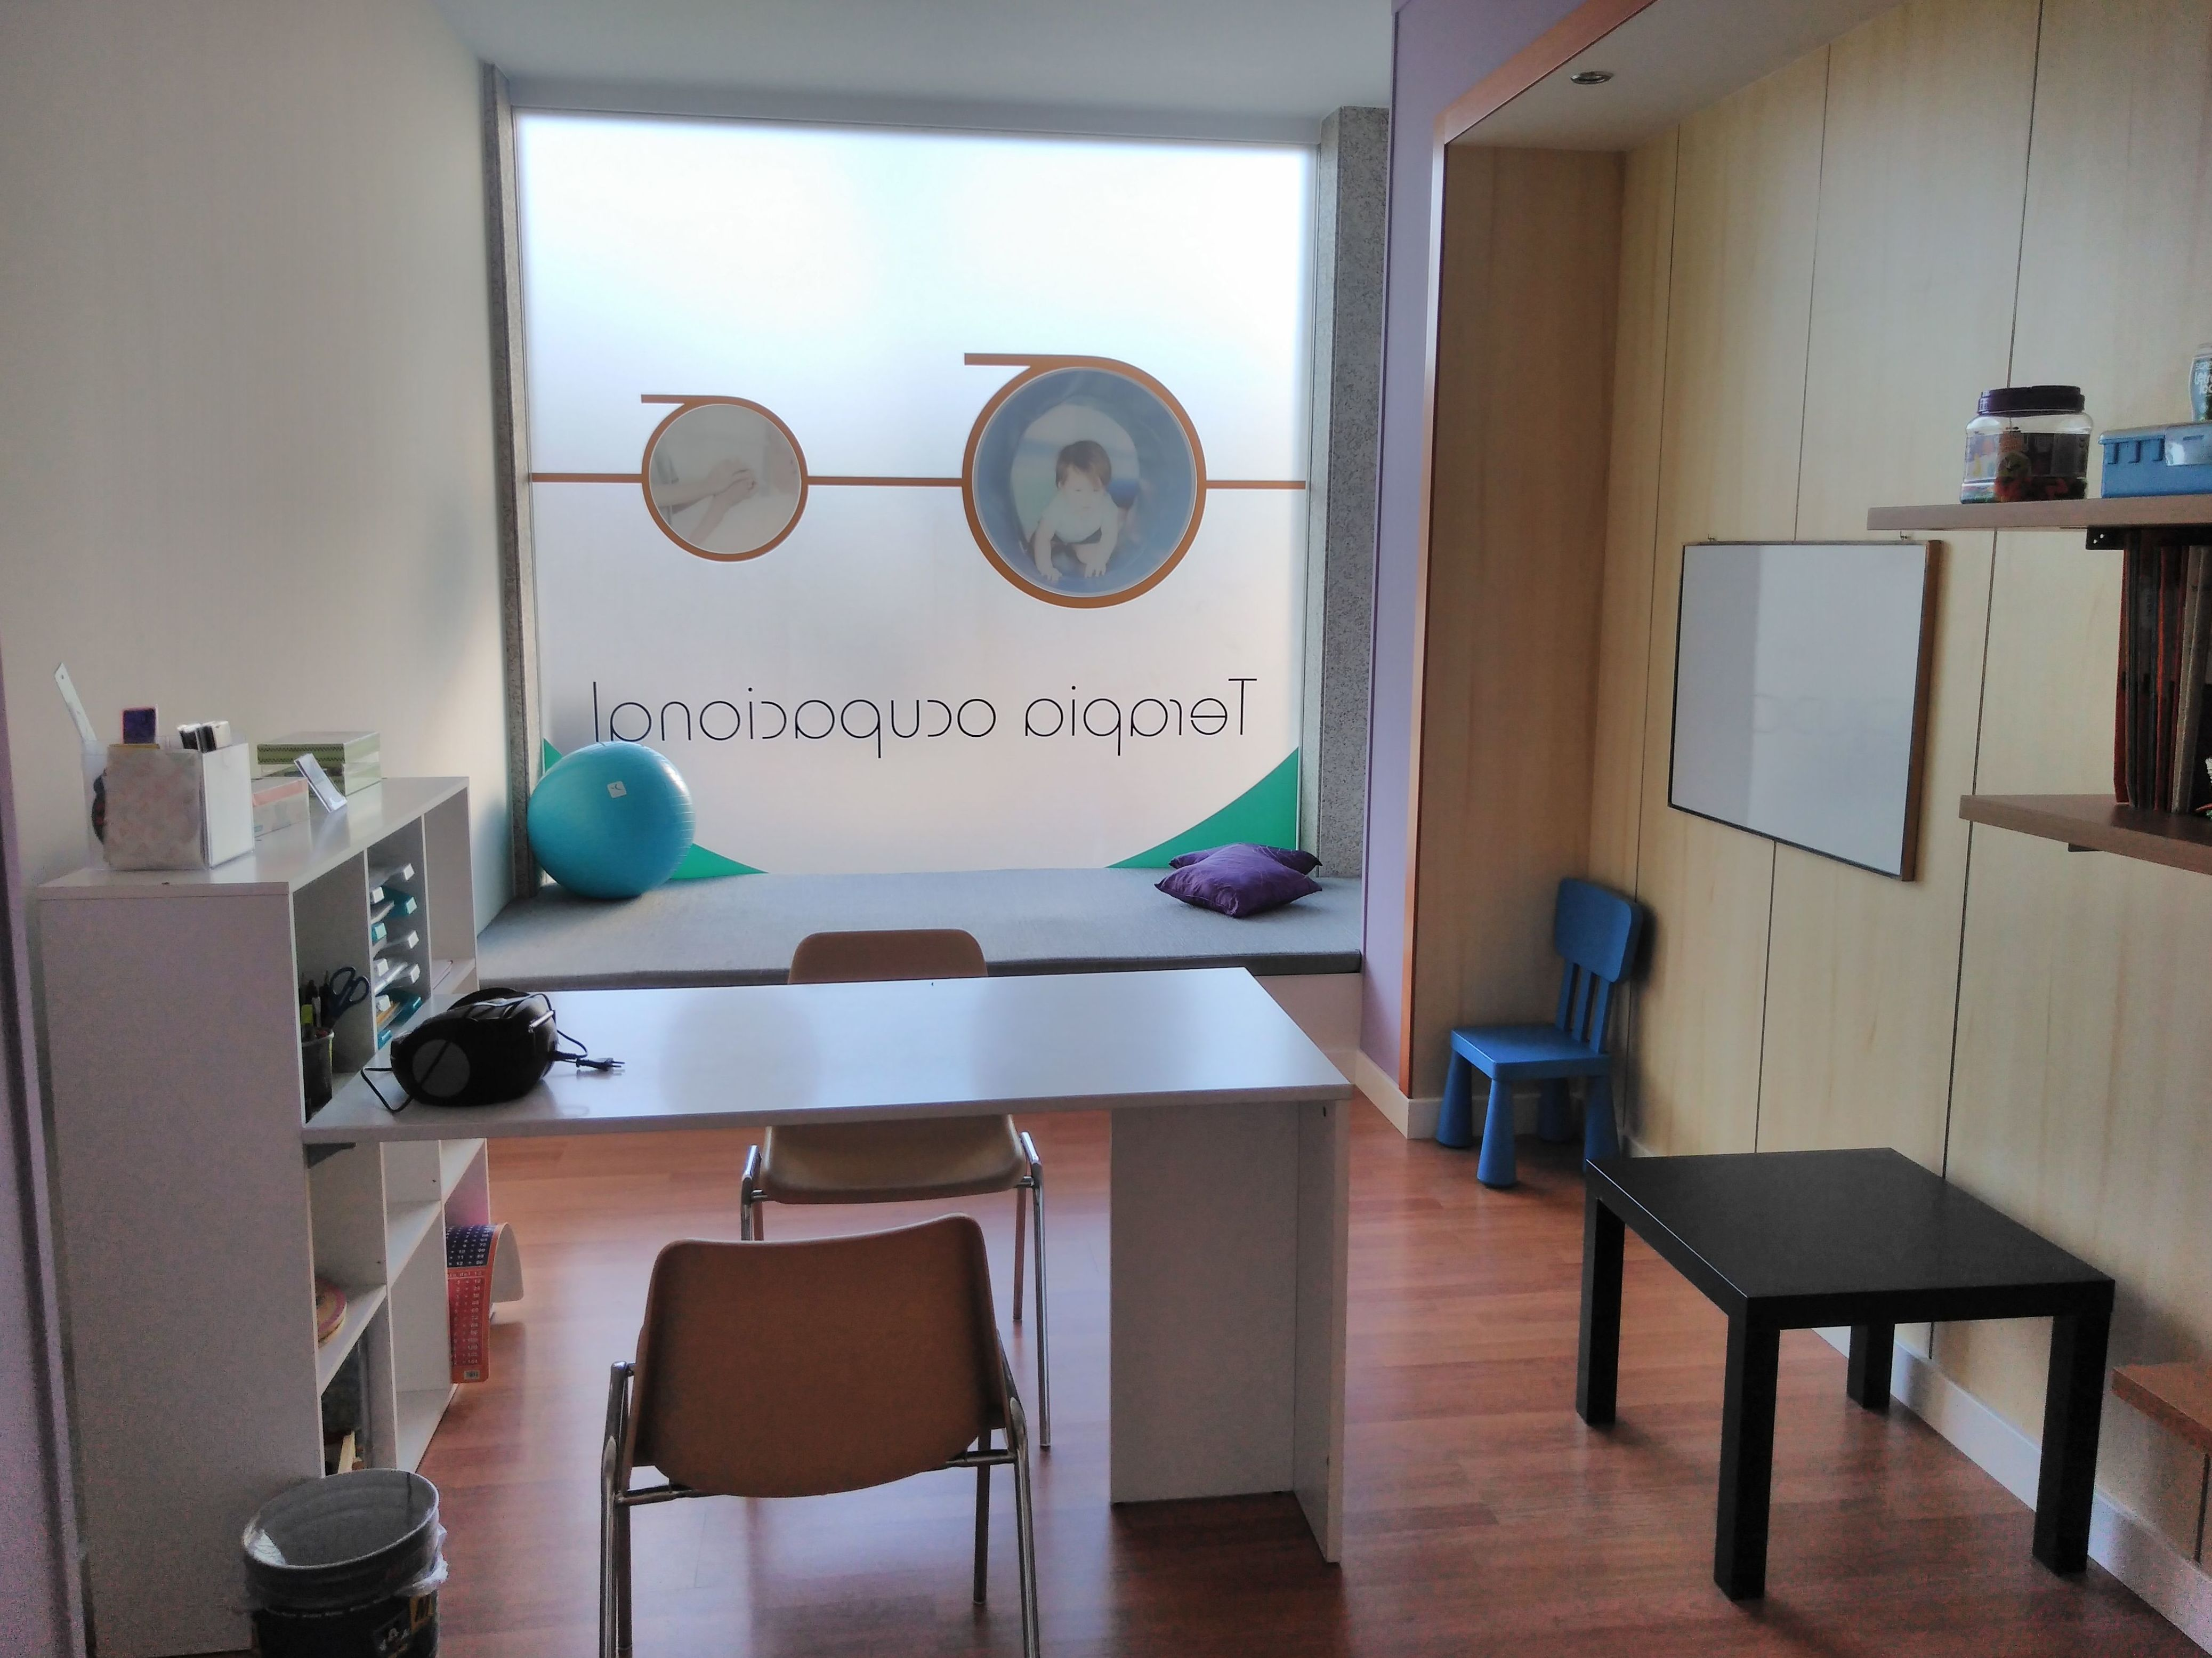 Foto 7 de Gabinete psicopedagógico en Narón | Alecrín Psicopedagogía y Logopedia S.L